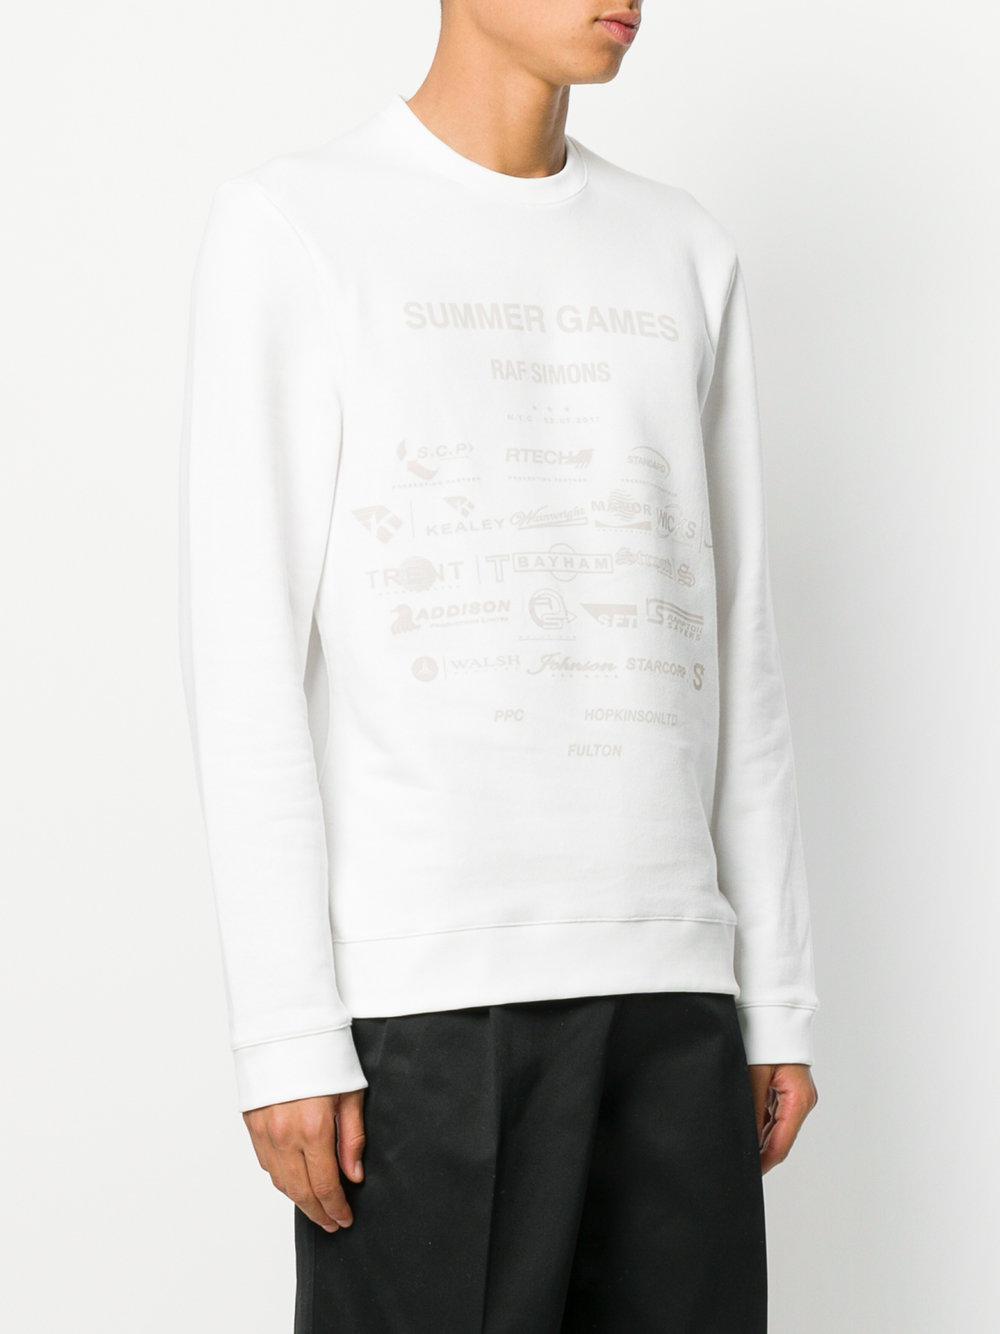 Raf simons Summer Games Sweater in White for Men | Lyst